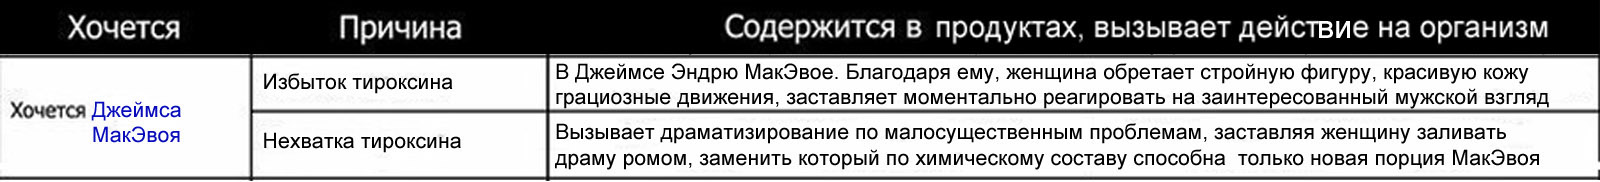 http://s4.uploads.ru/oItsk.jpg